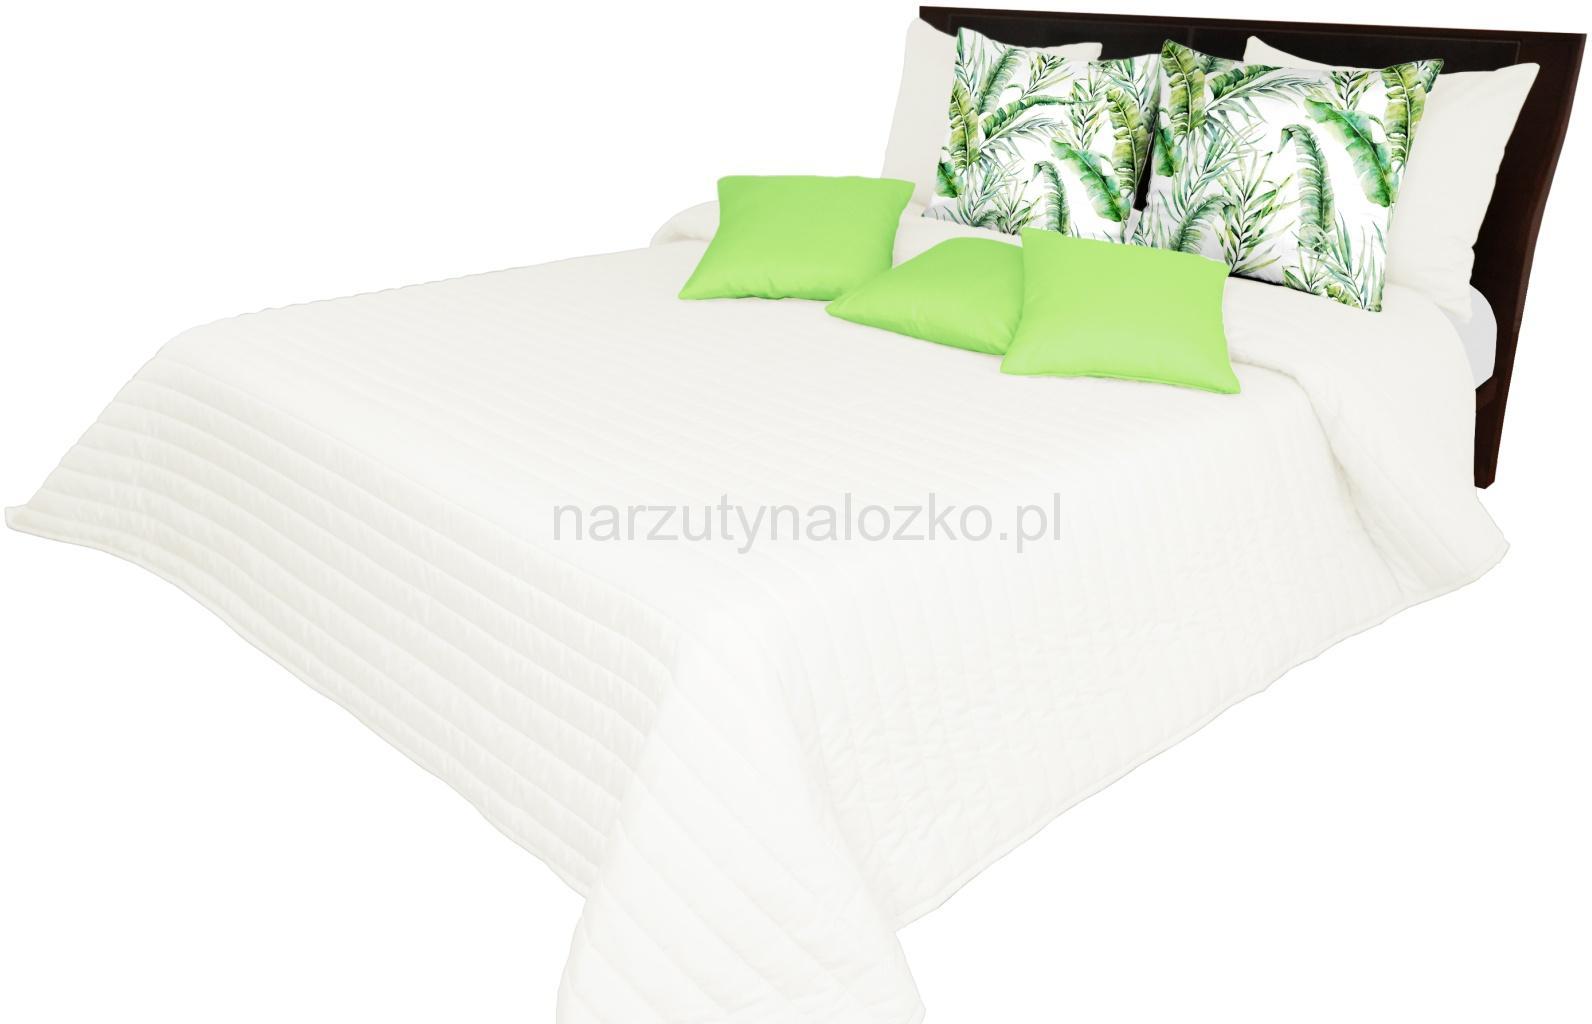 Piaskowe Narzuty Na łóżko 200x220